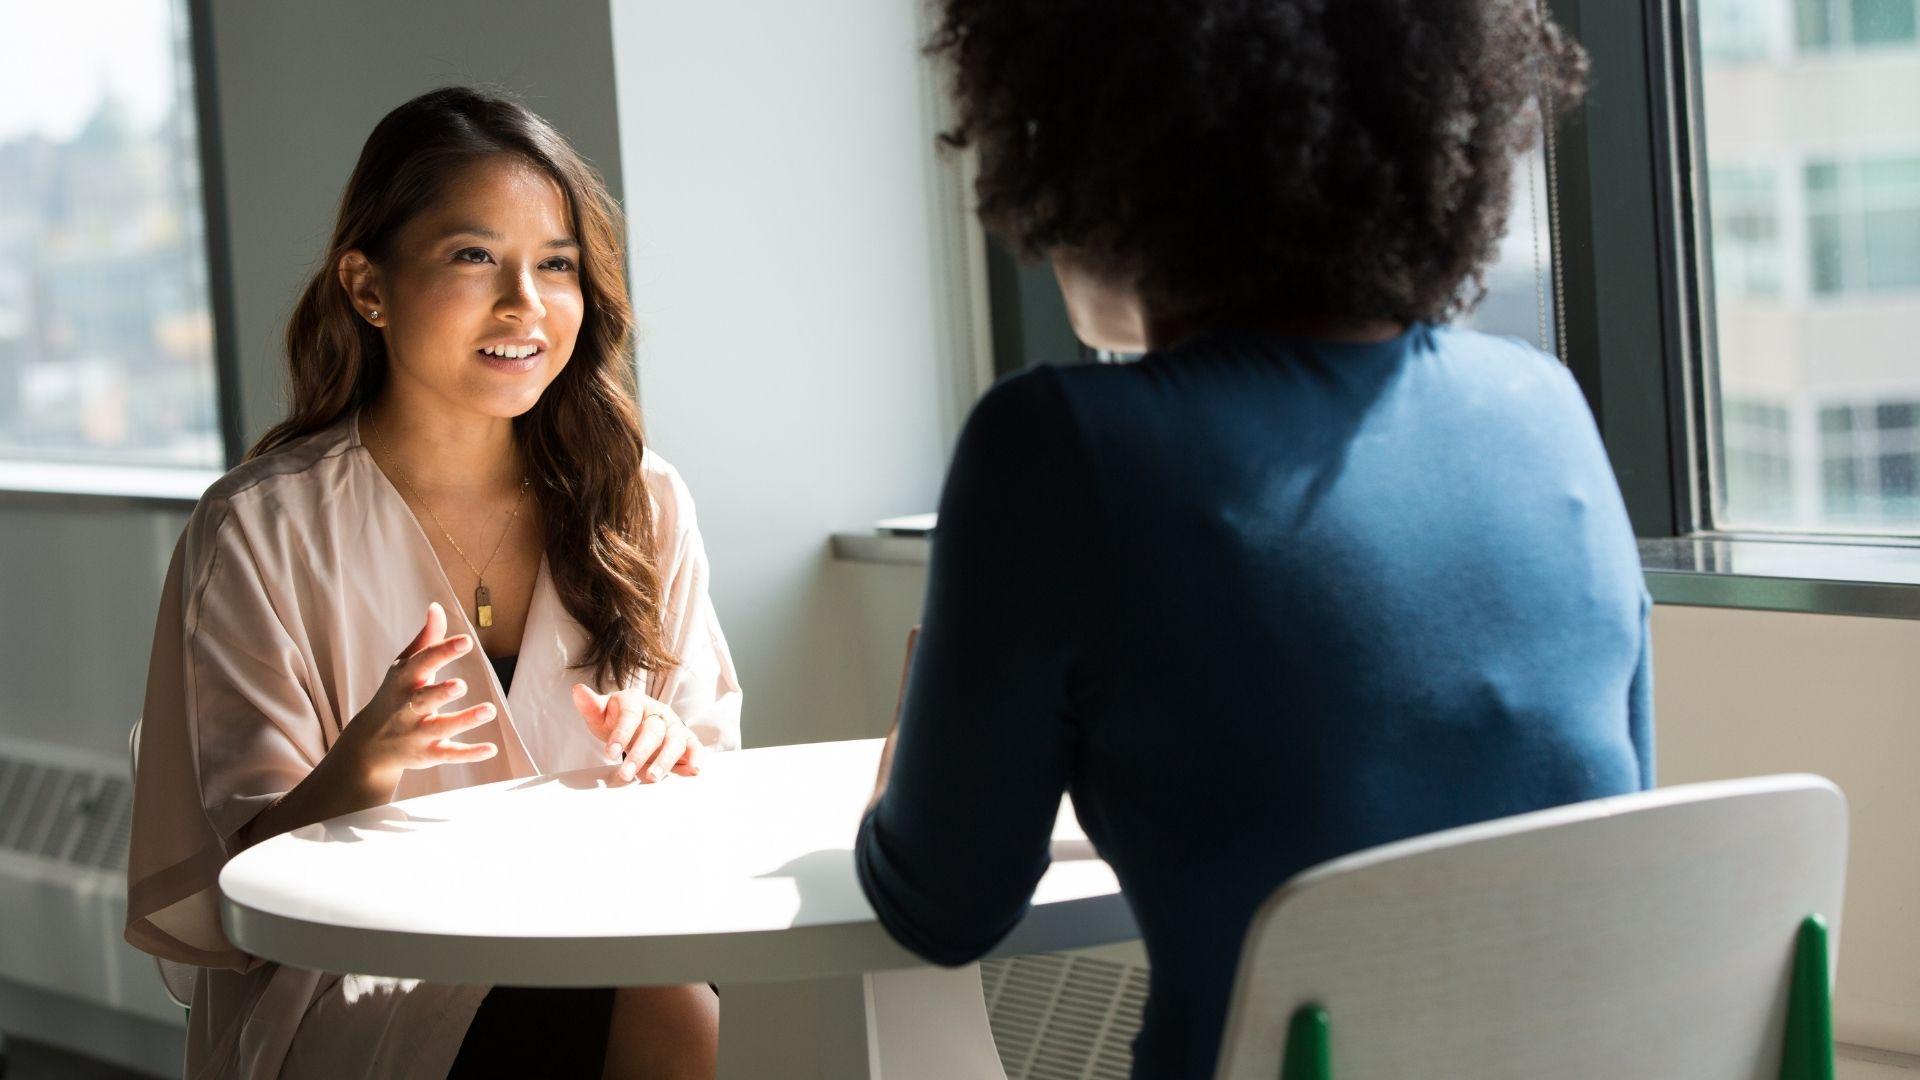 Zwei Frauen fröhliches Gespräch am Tisch